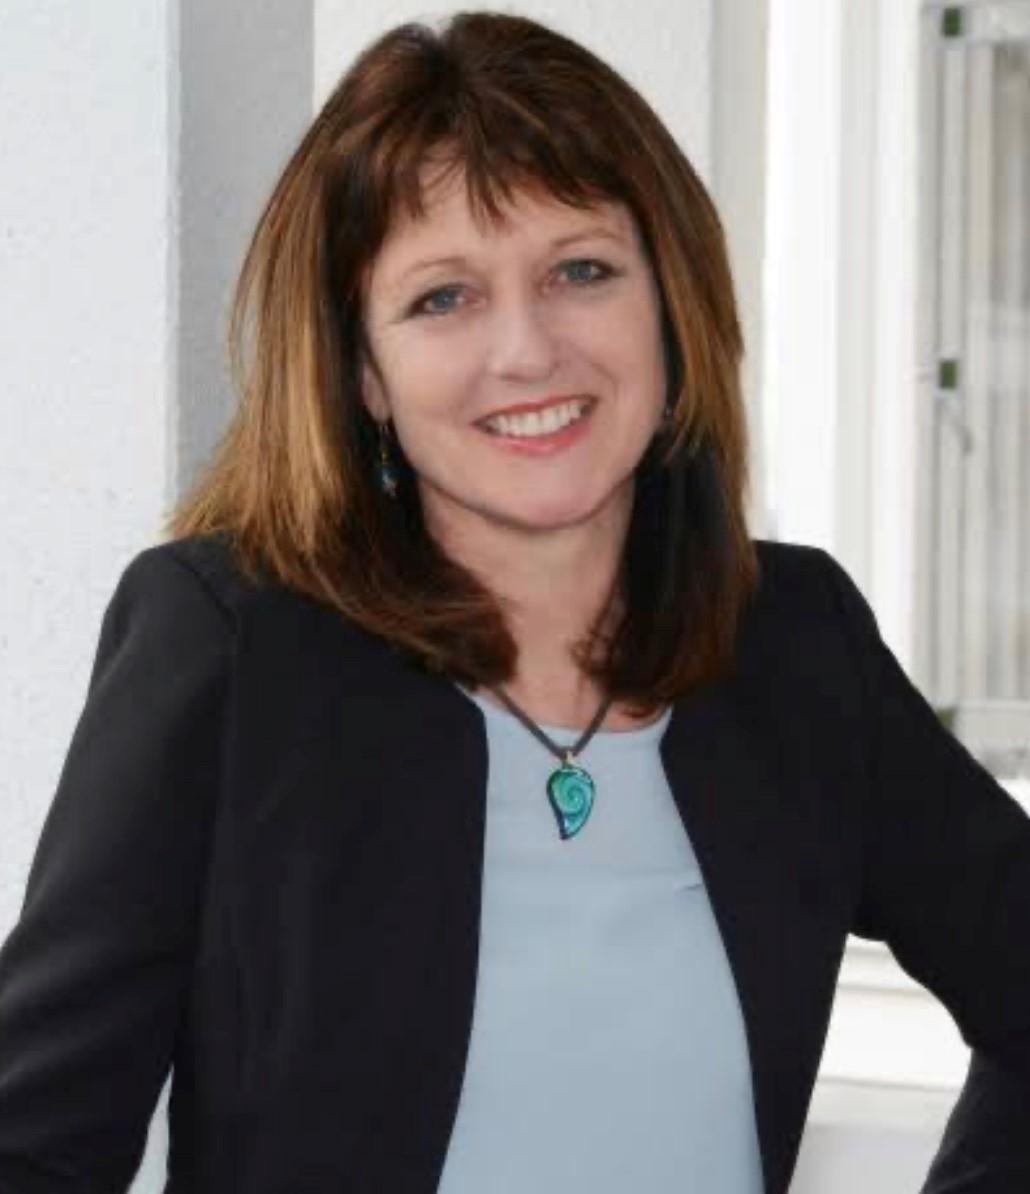 Jocelyn Grace Whyte Weatherall